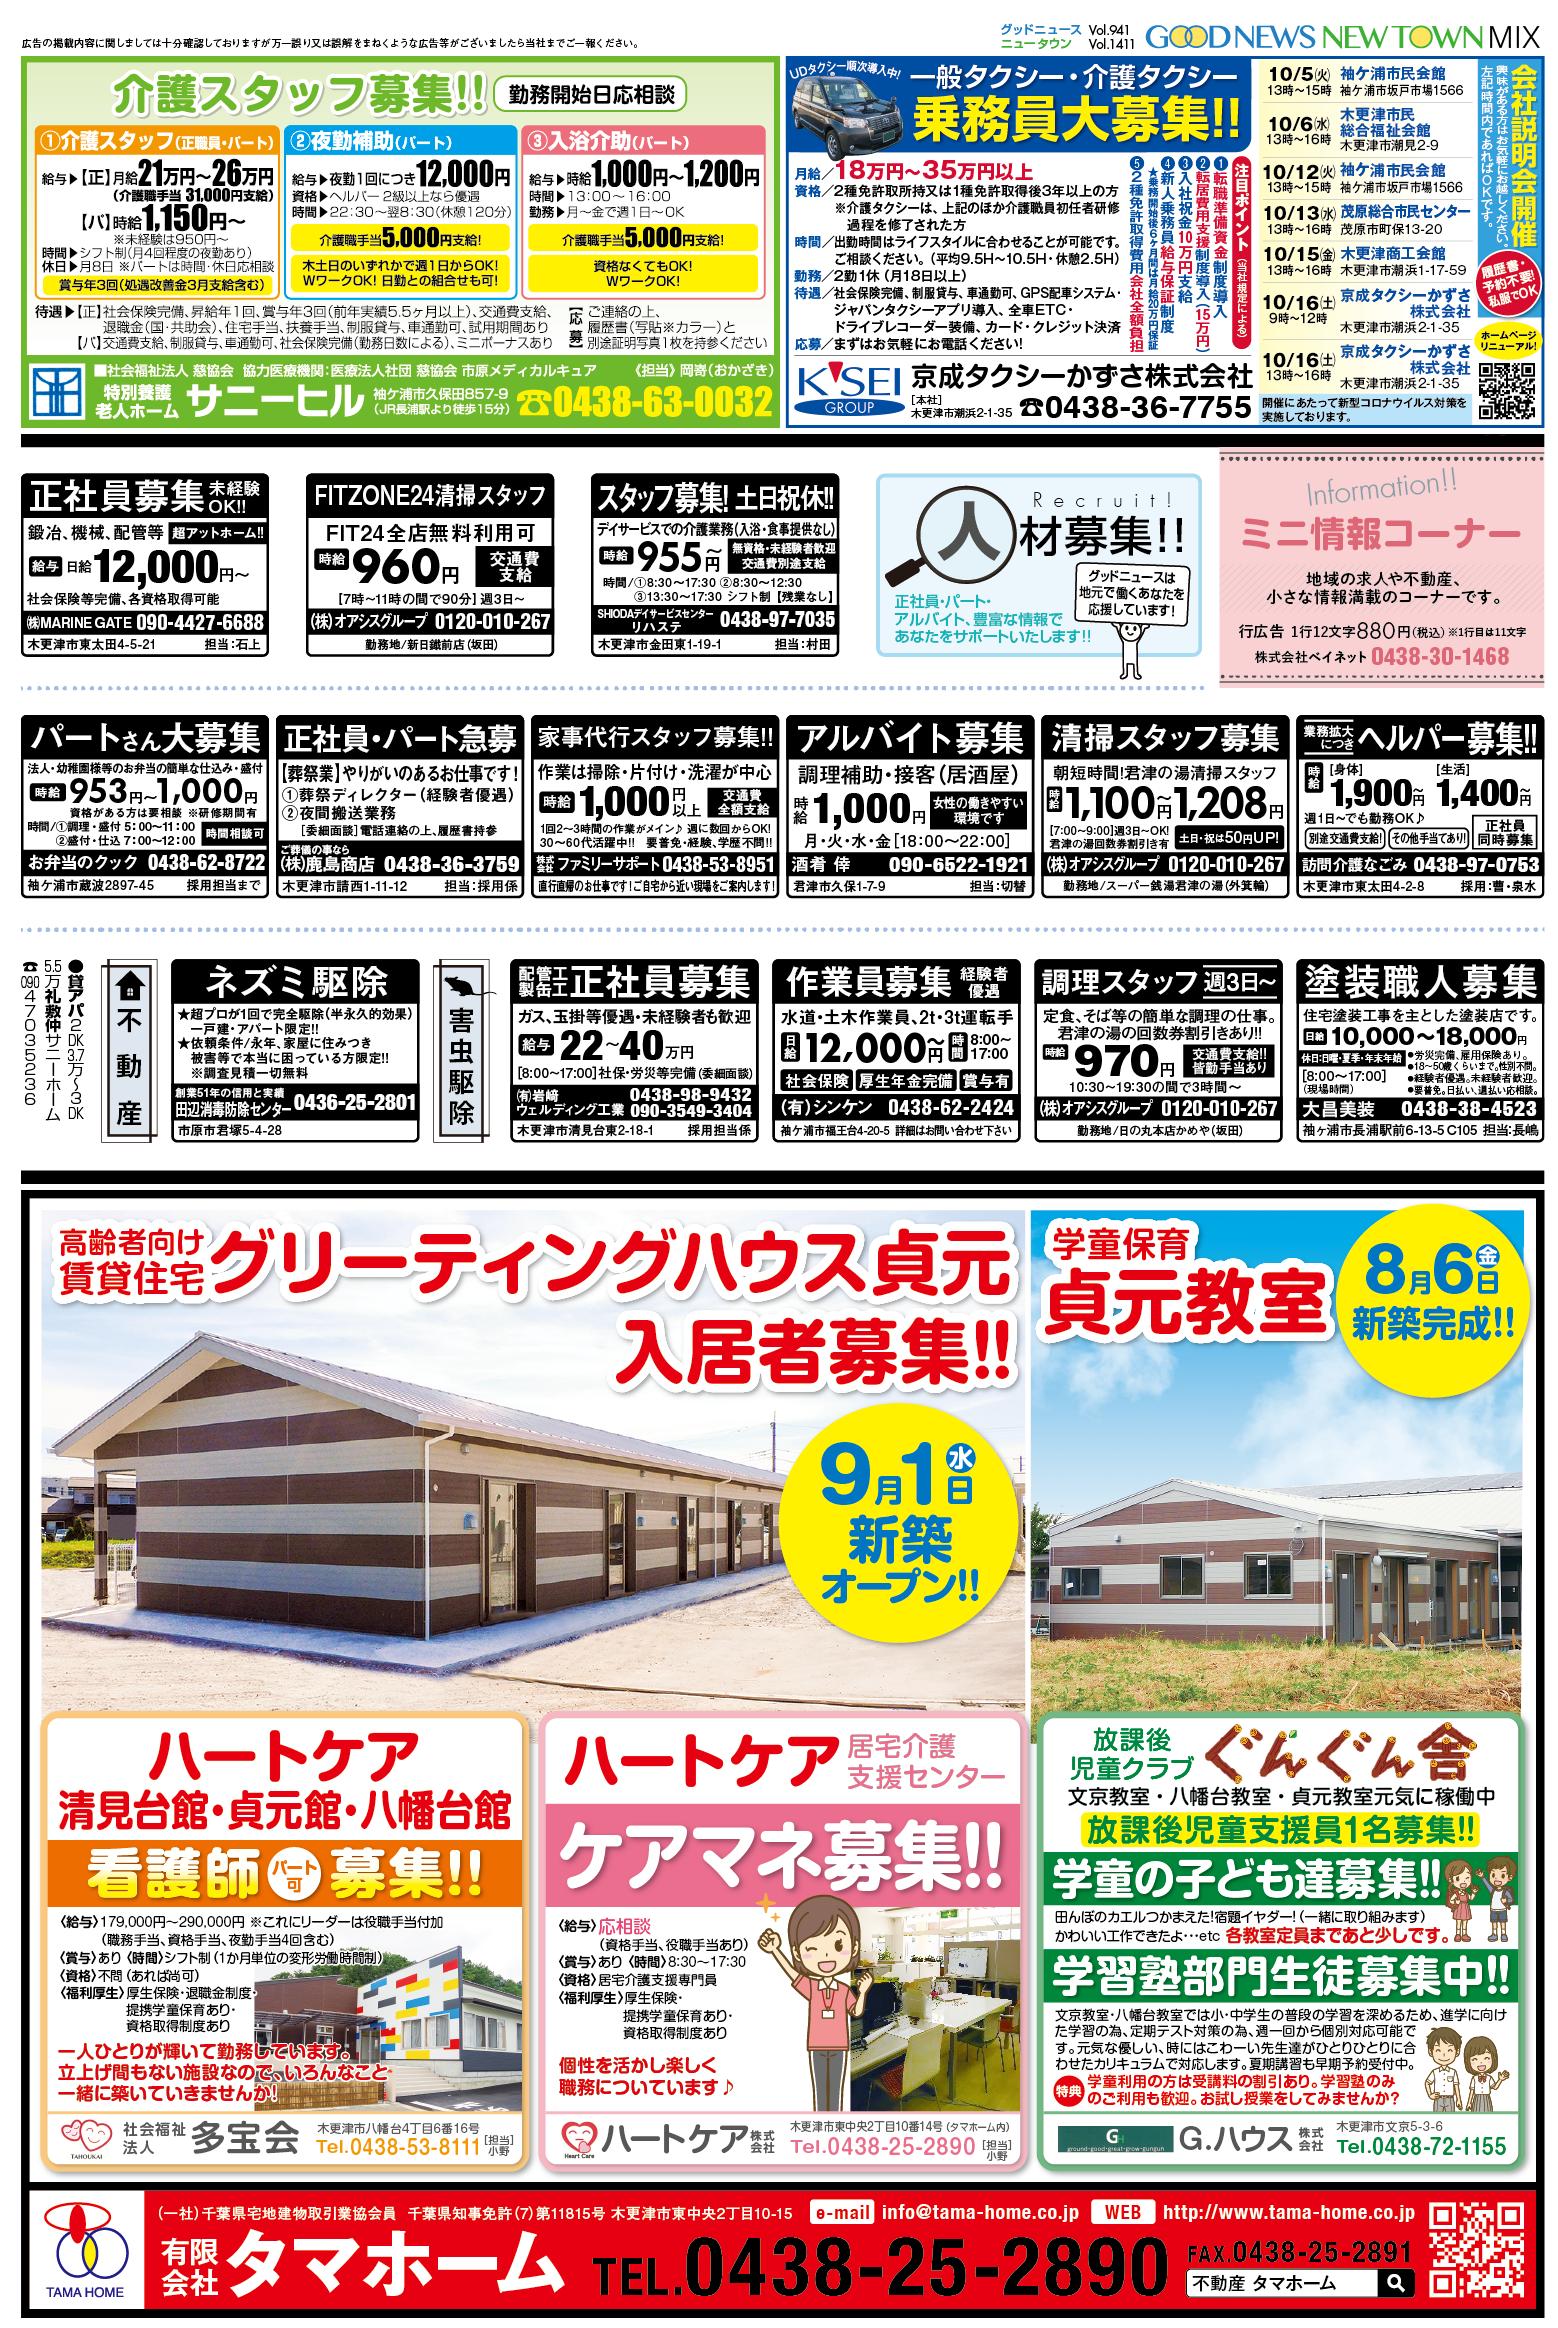 サニーヒル 京成タクシーかずさ株式会社 ミニ情報コーナー タマホーム